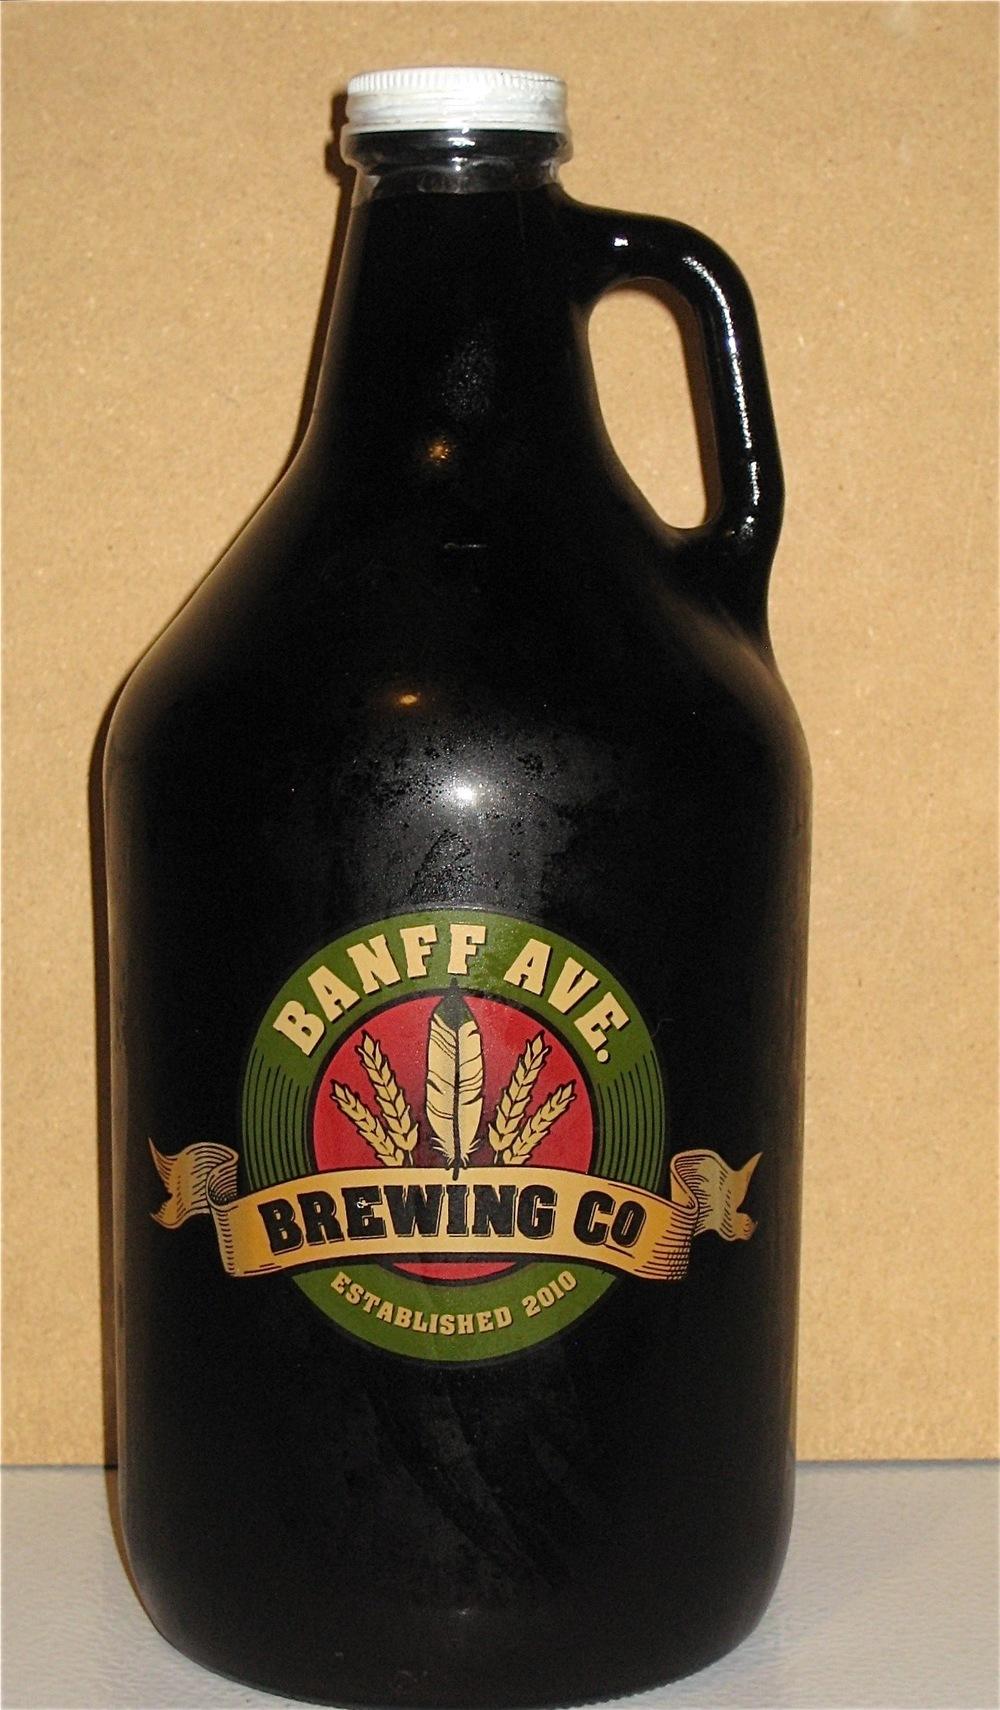 GR - Banff Brewery (AB).jpg